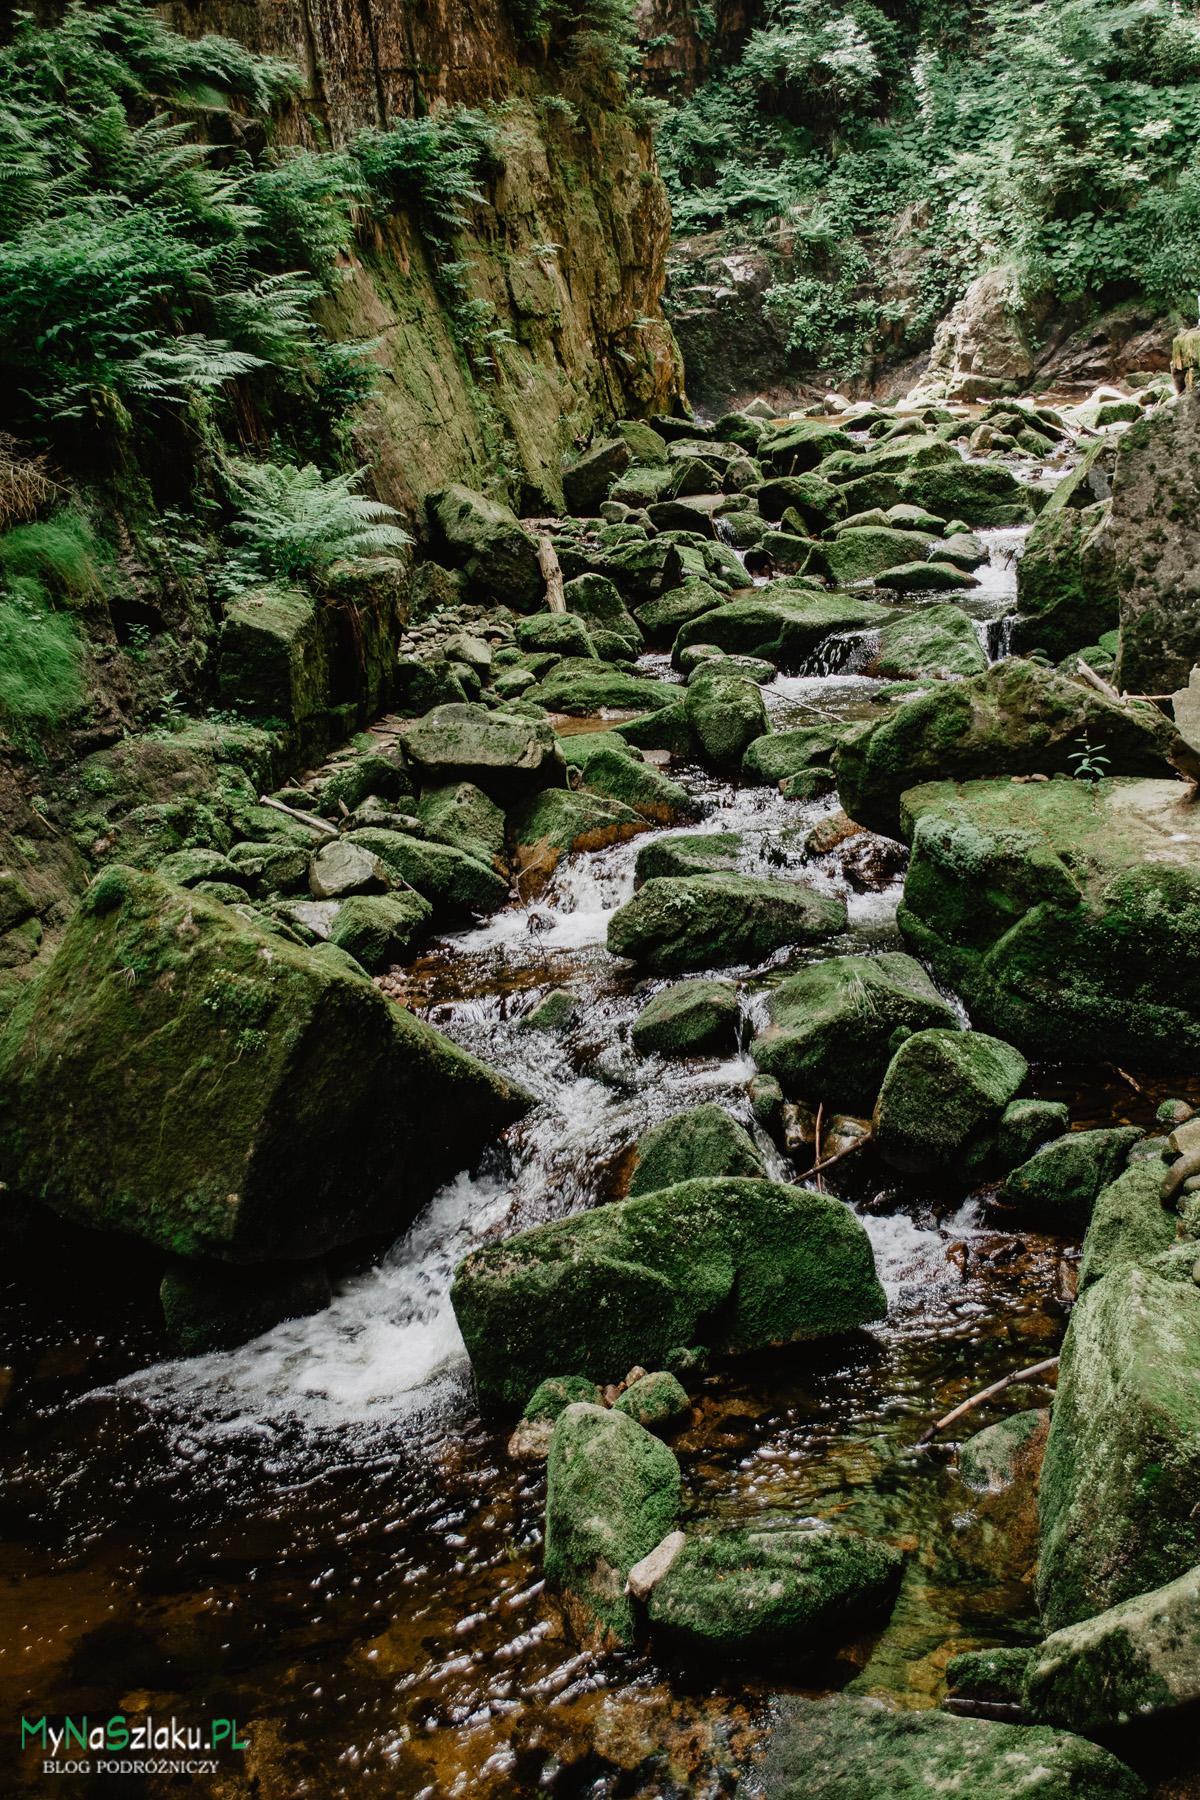 Wodospad Kamieńczyka w Szklarskiej Porębie